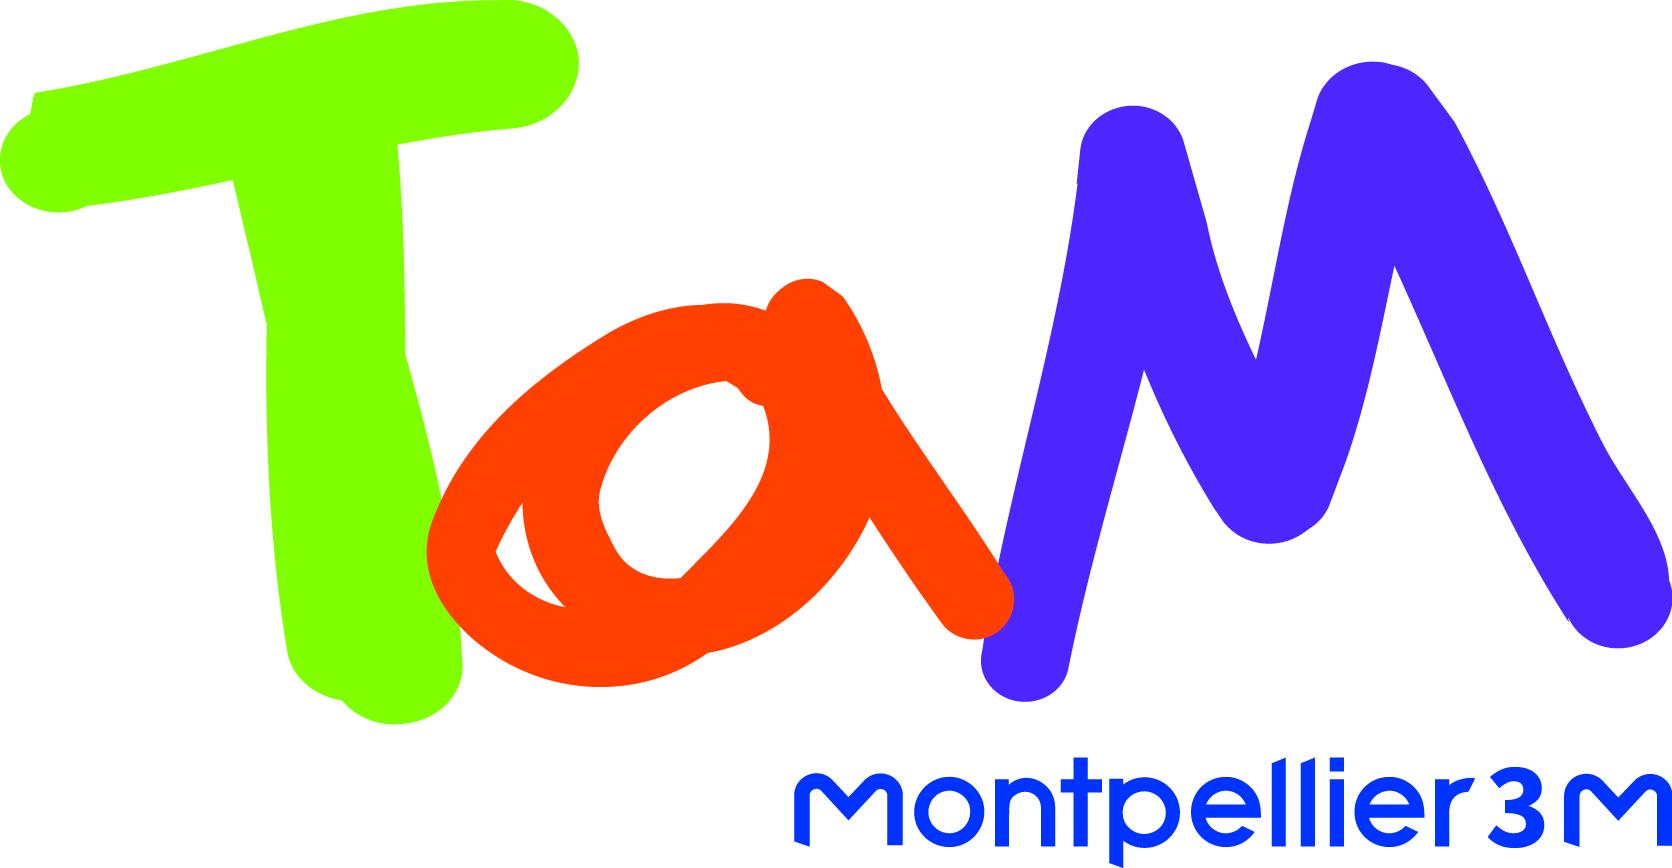 TaM_logo_quadri-signature.jpg